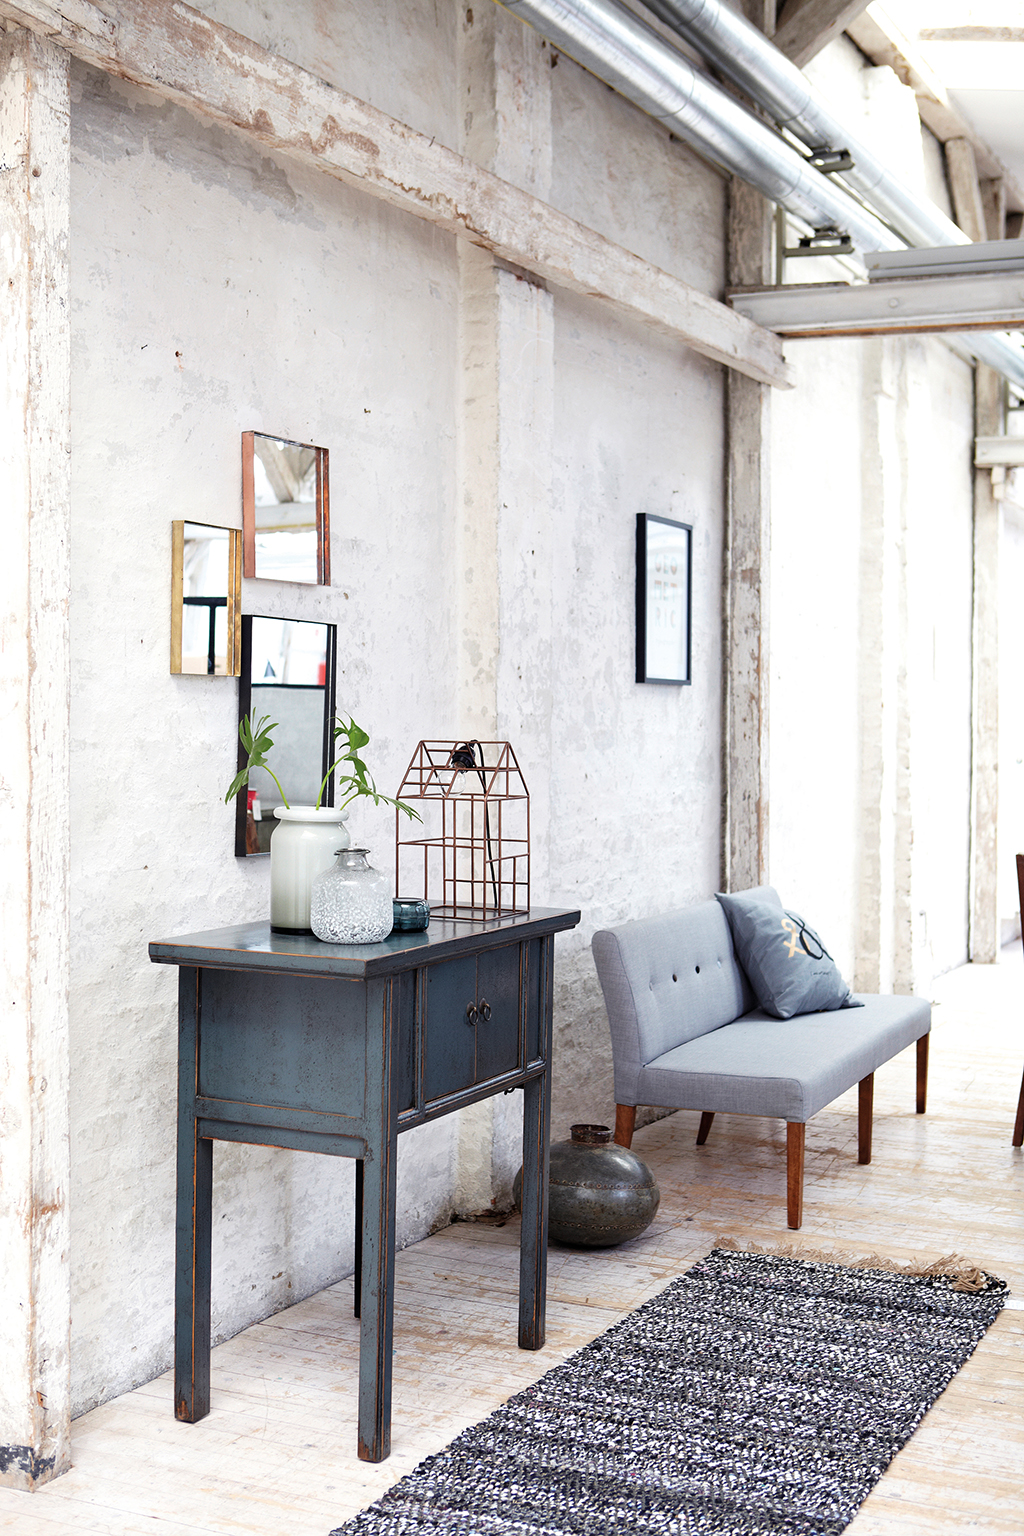 meble inspirowane stylem skandynawskim northampsouth home blog